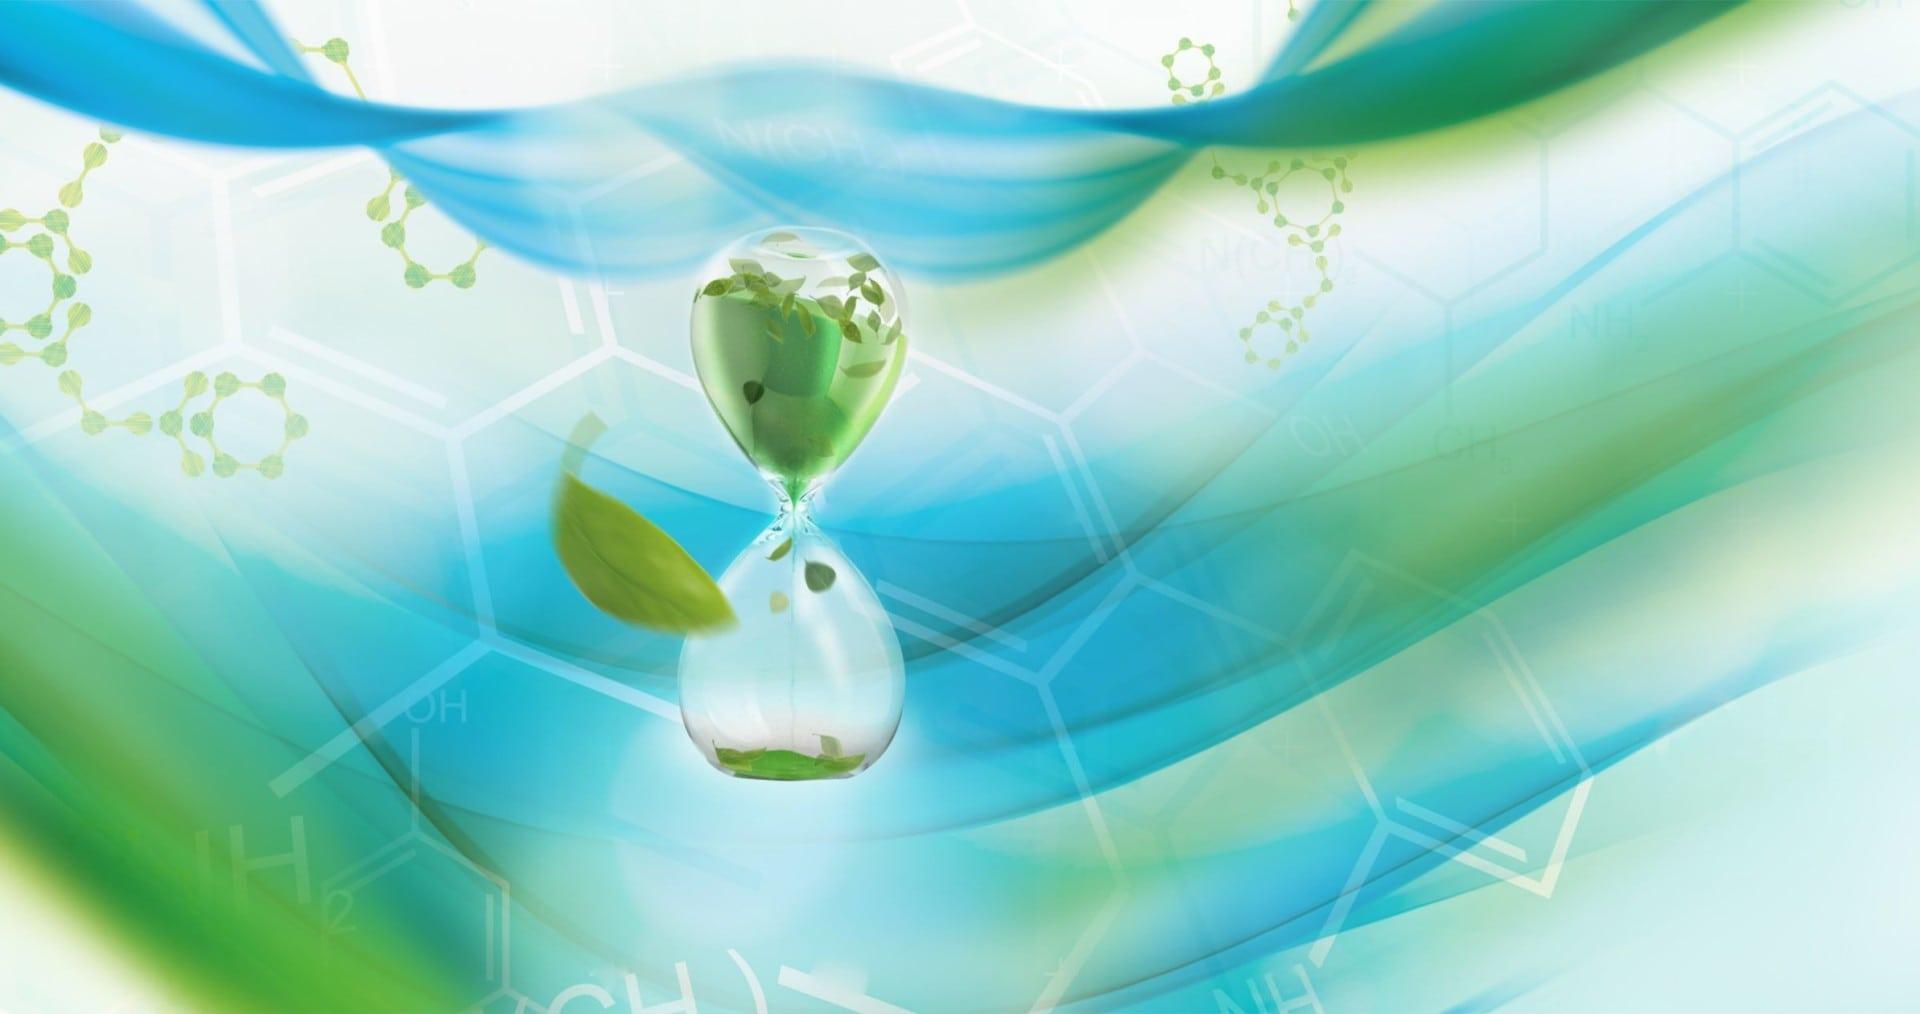 Hoeveel geduld hebben we met de biobased economy?